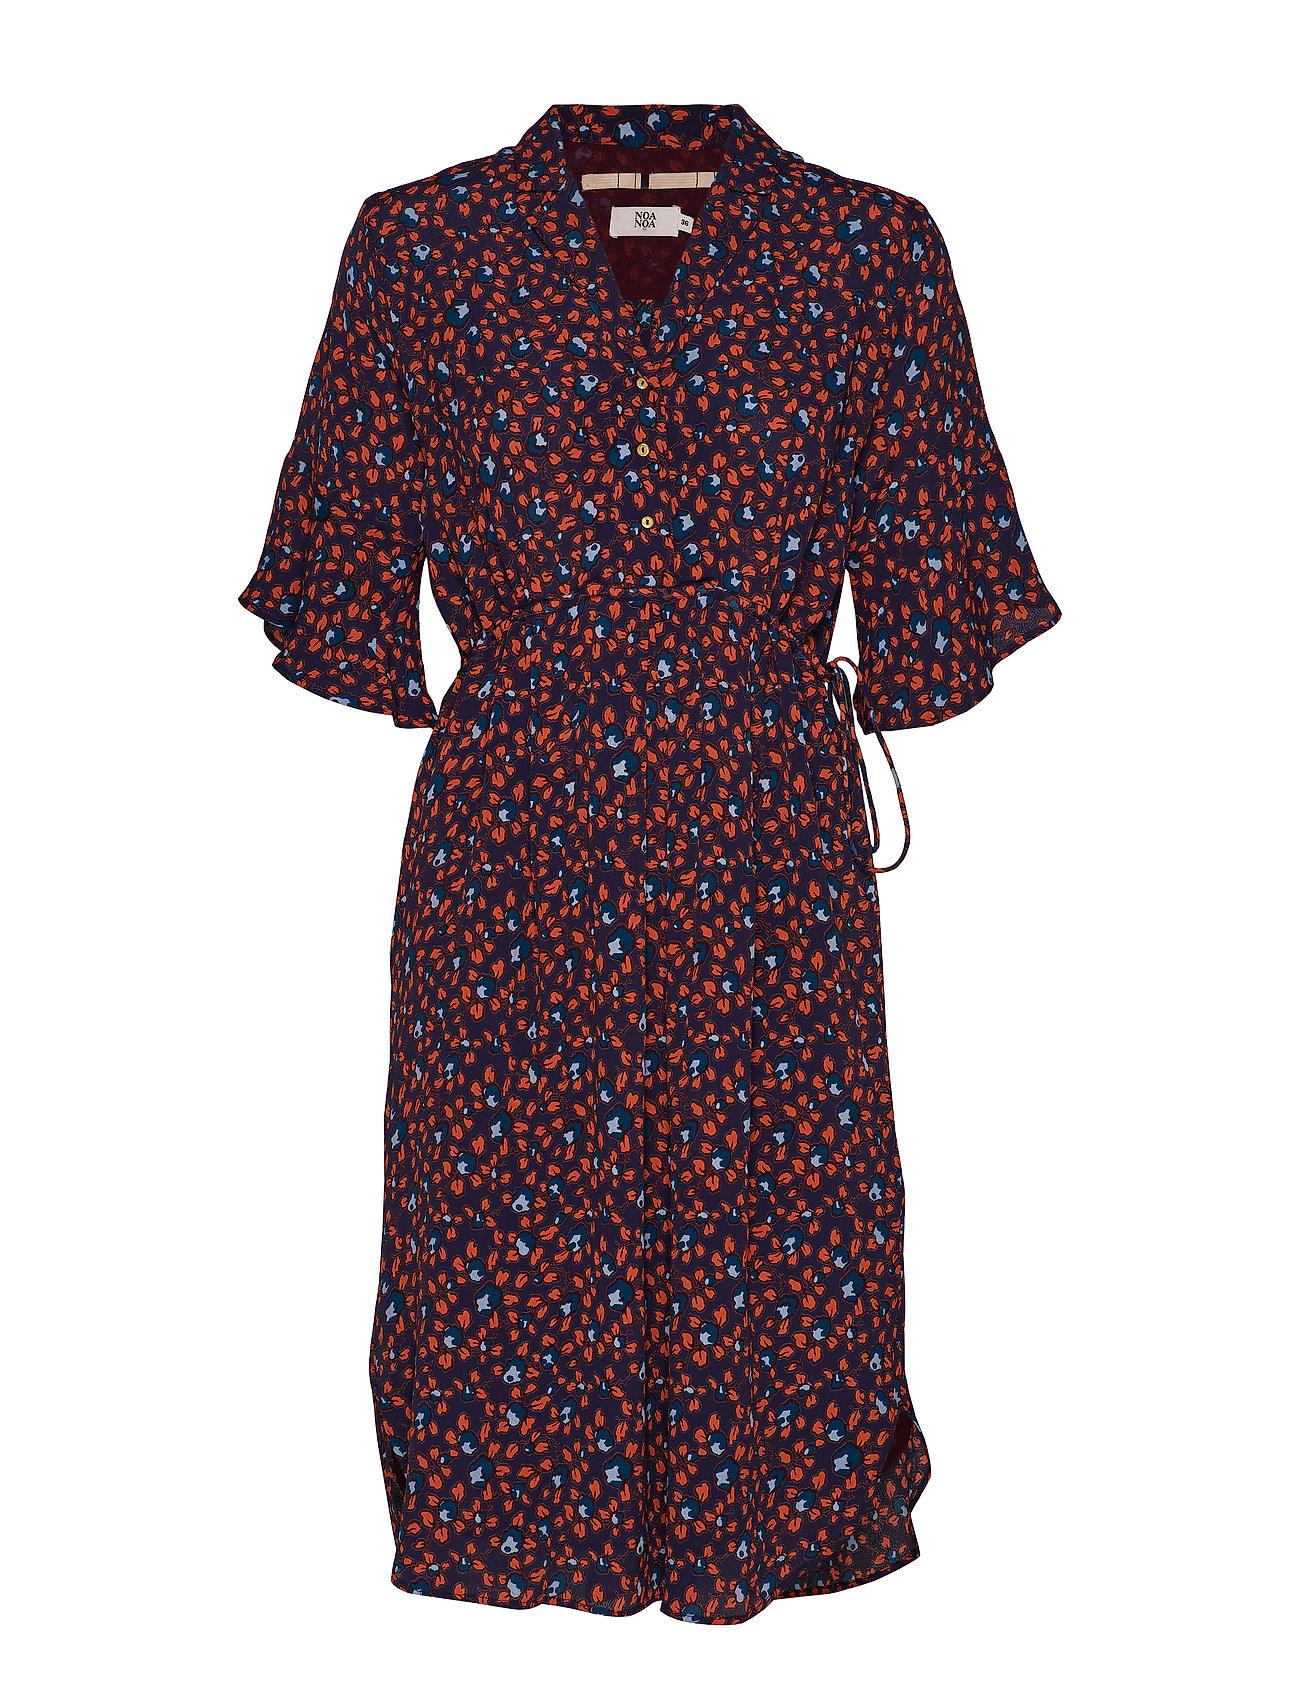 Noa Noa Dress short sleeve - PRINT BLUE